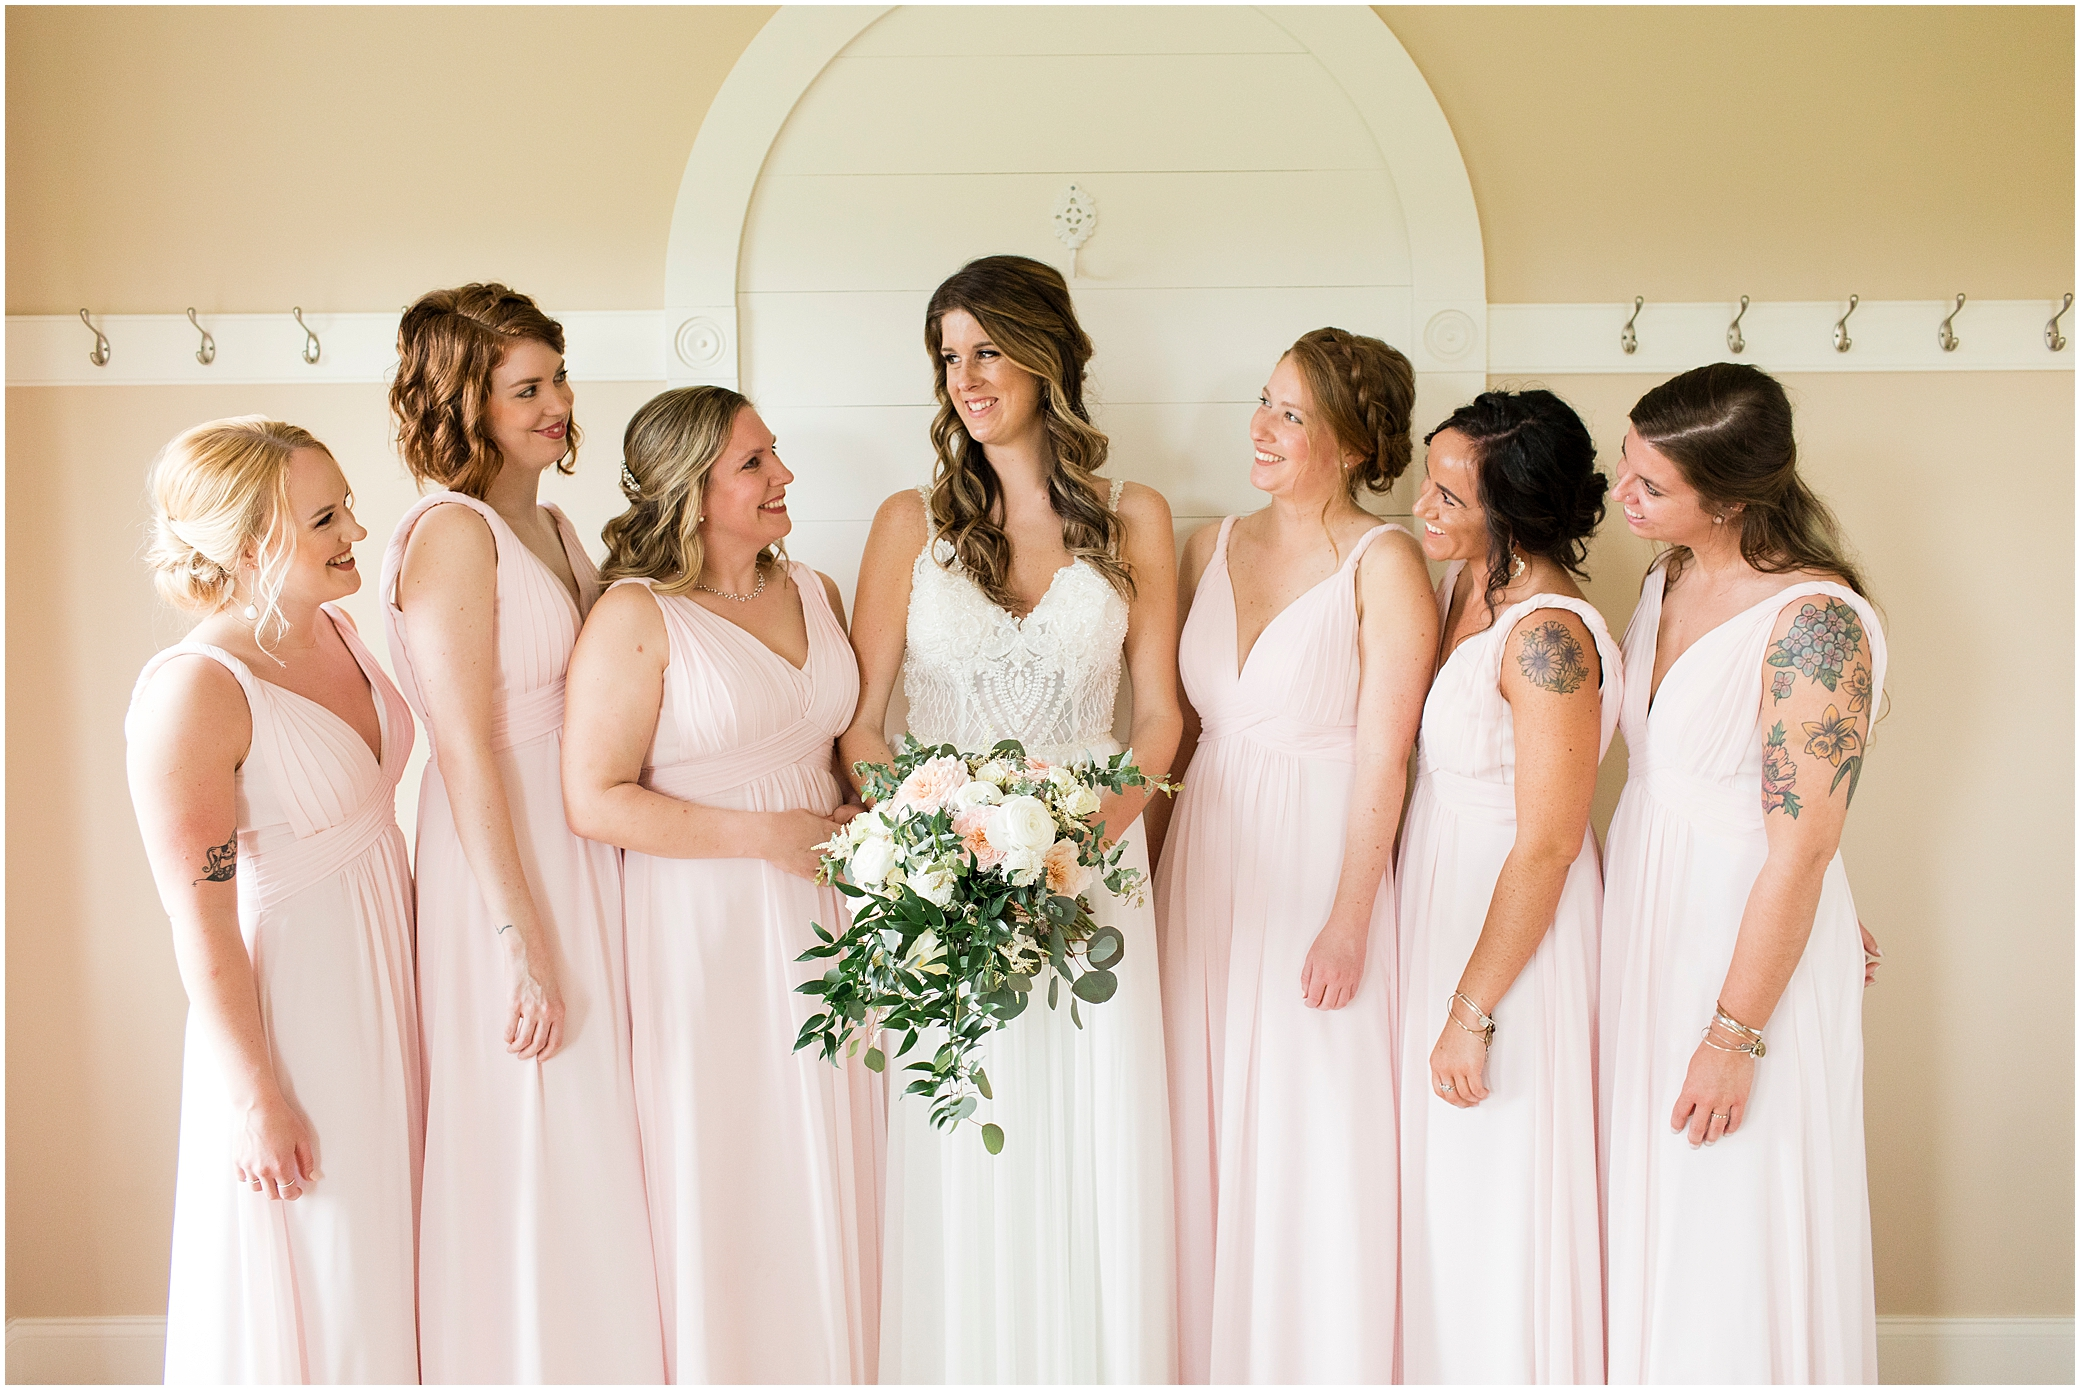 bridesmaids in the bridal suite at sierra vista wedding venue